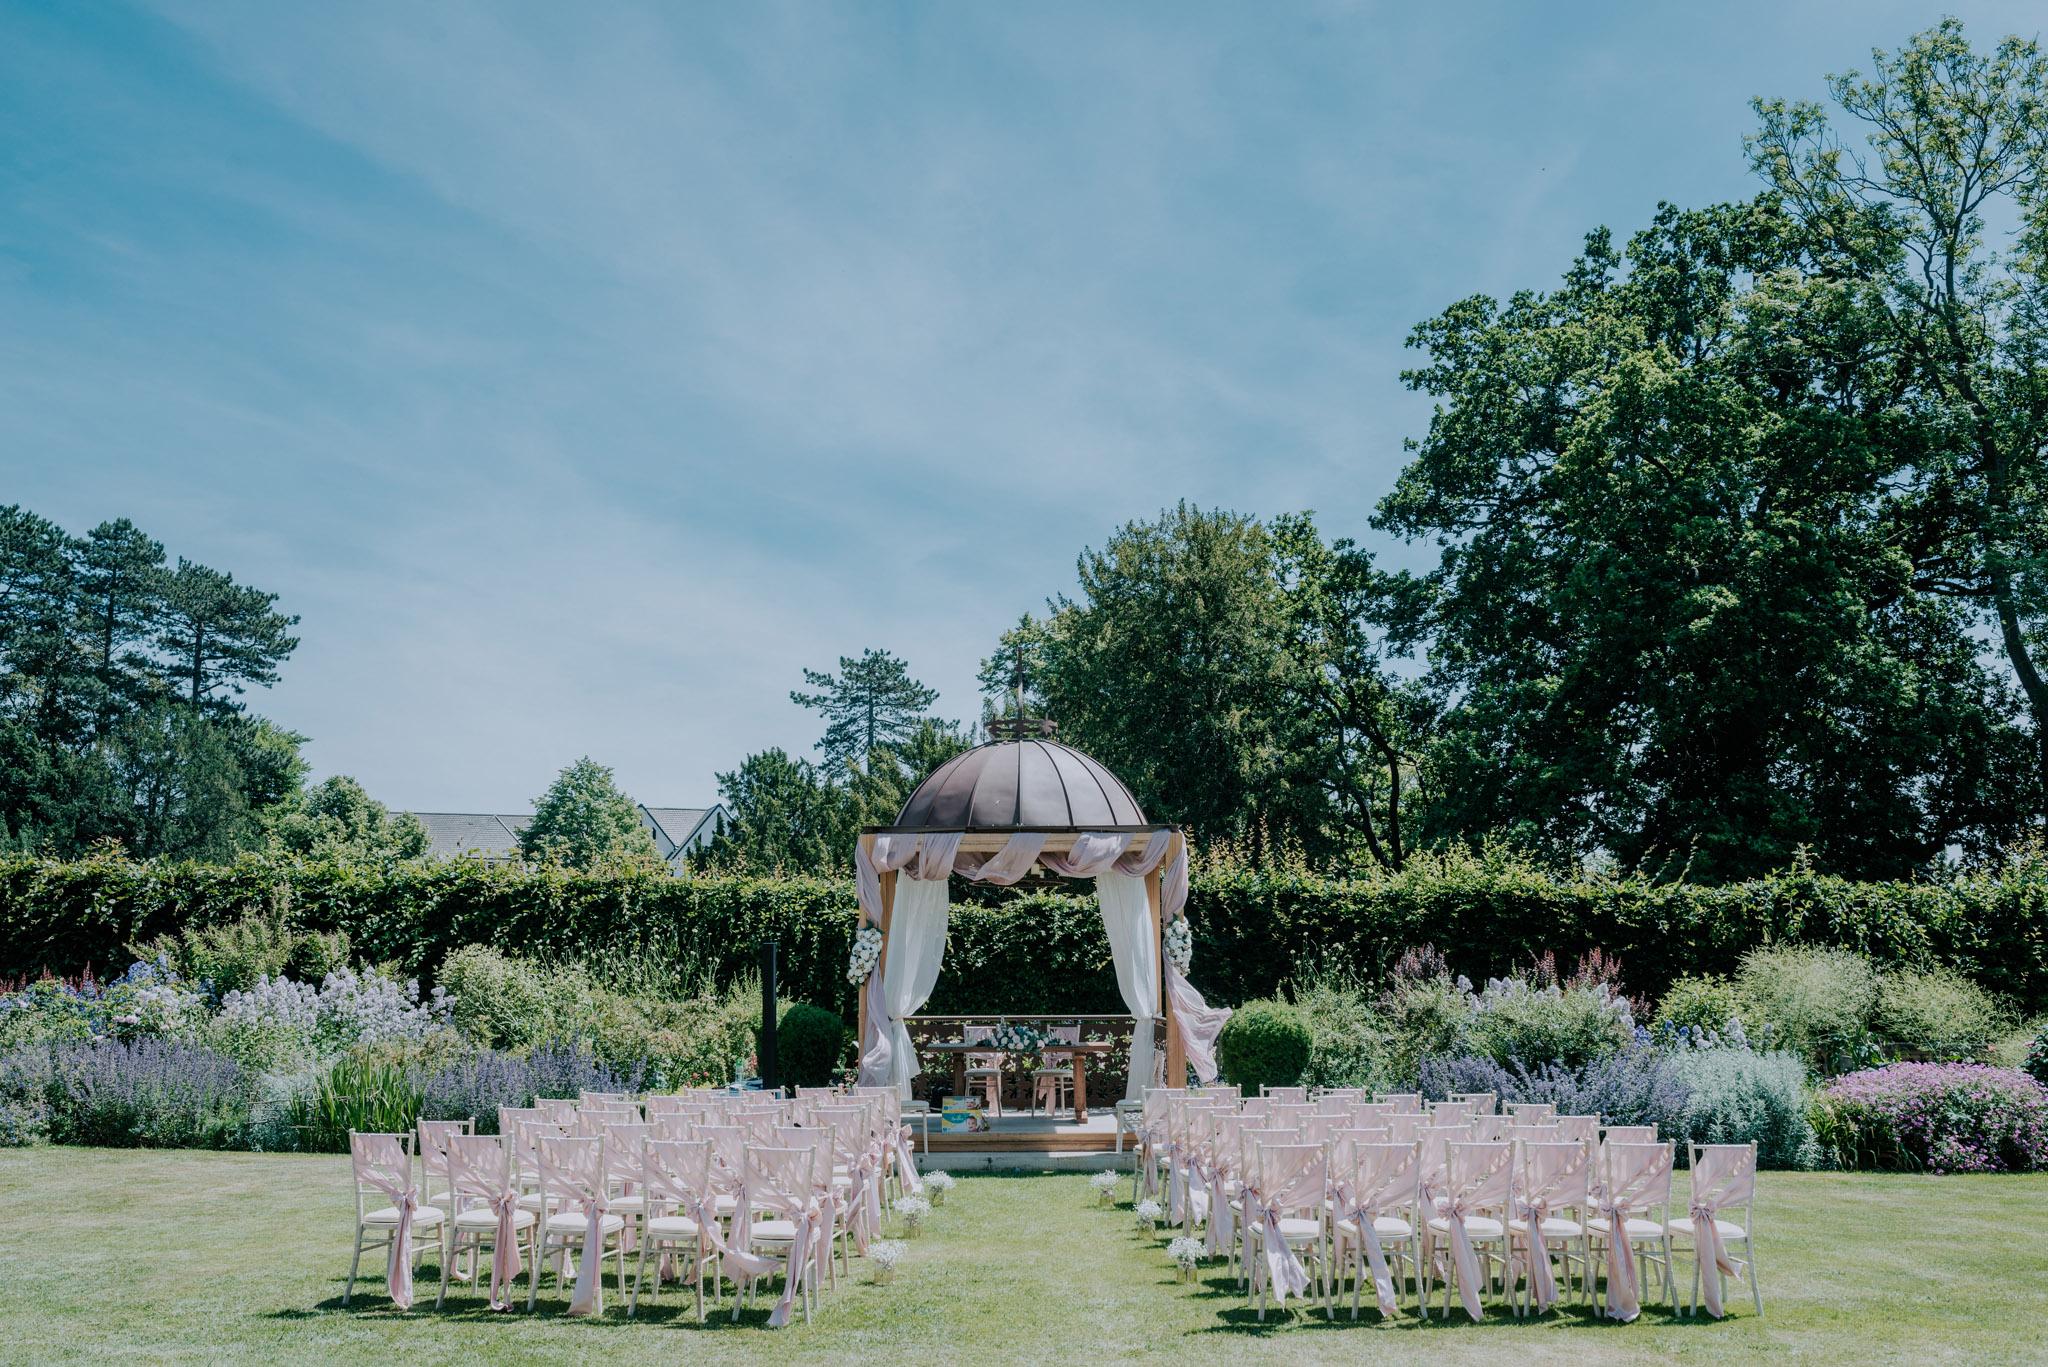 scott-stockwell-wedding-photographer-wood-norton-evesham089.jpg